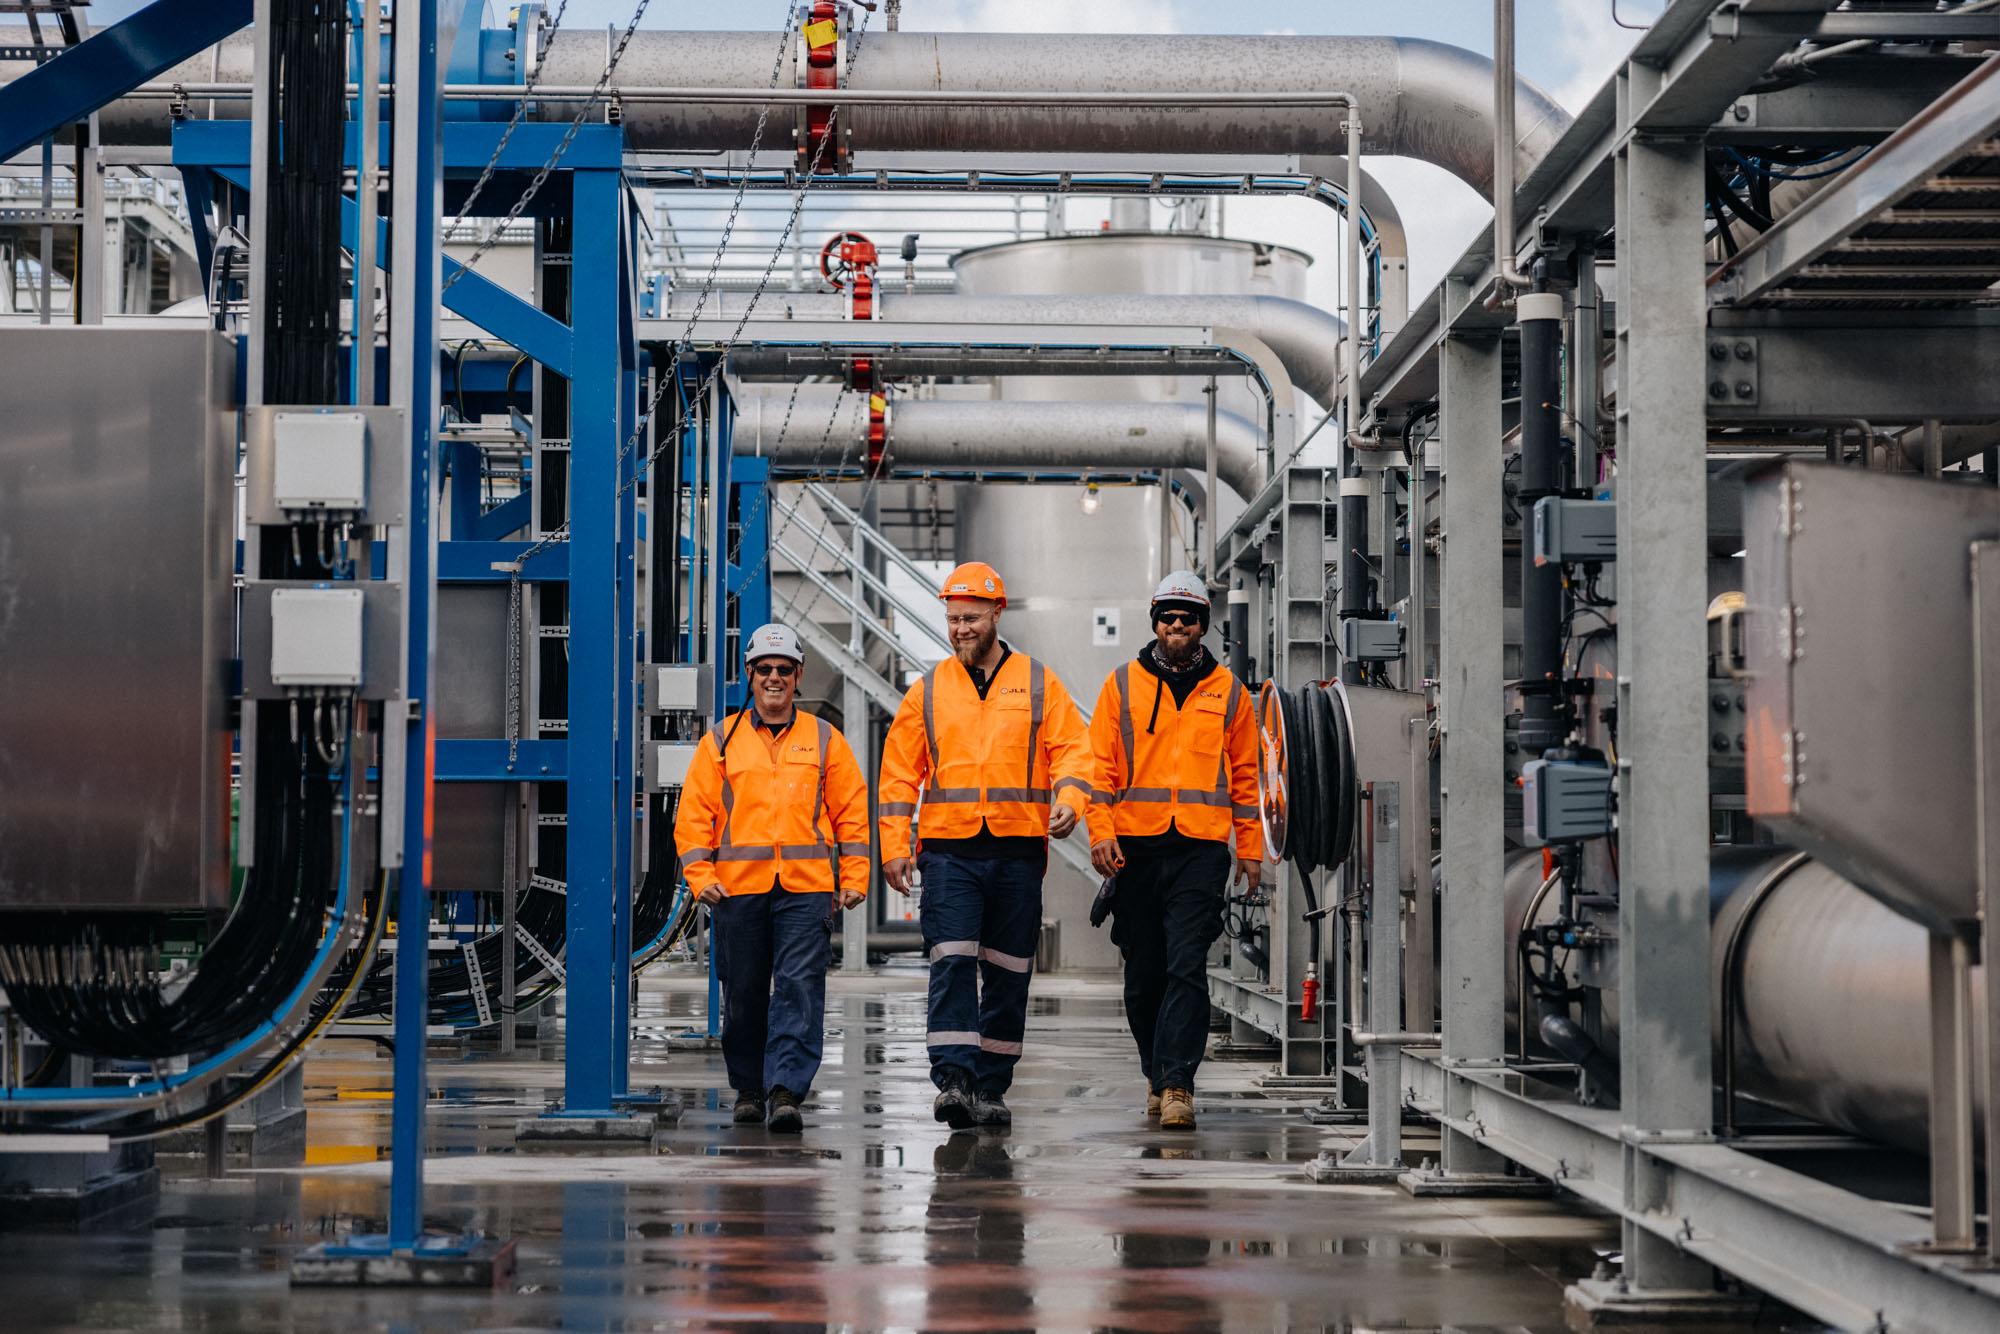 Tuakau Water Treatment Plant - Waikato 50